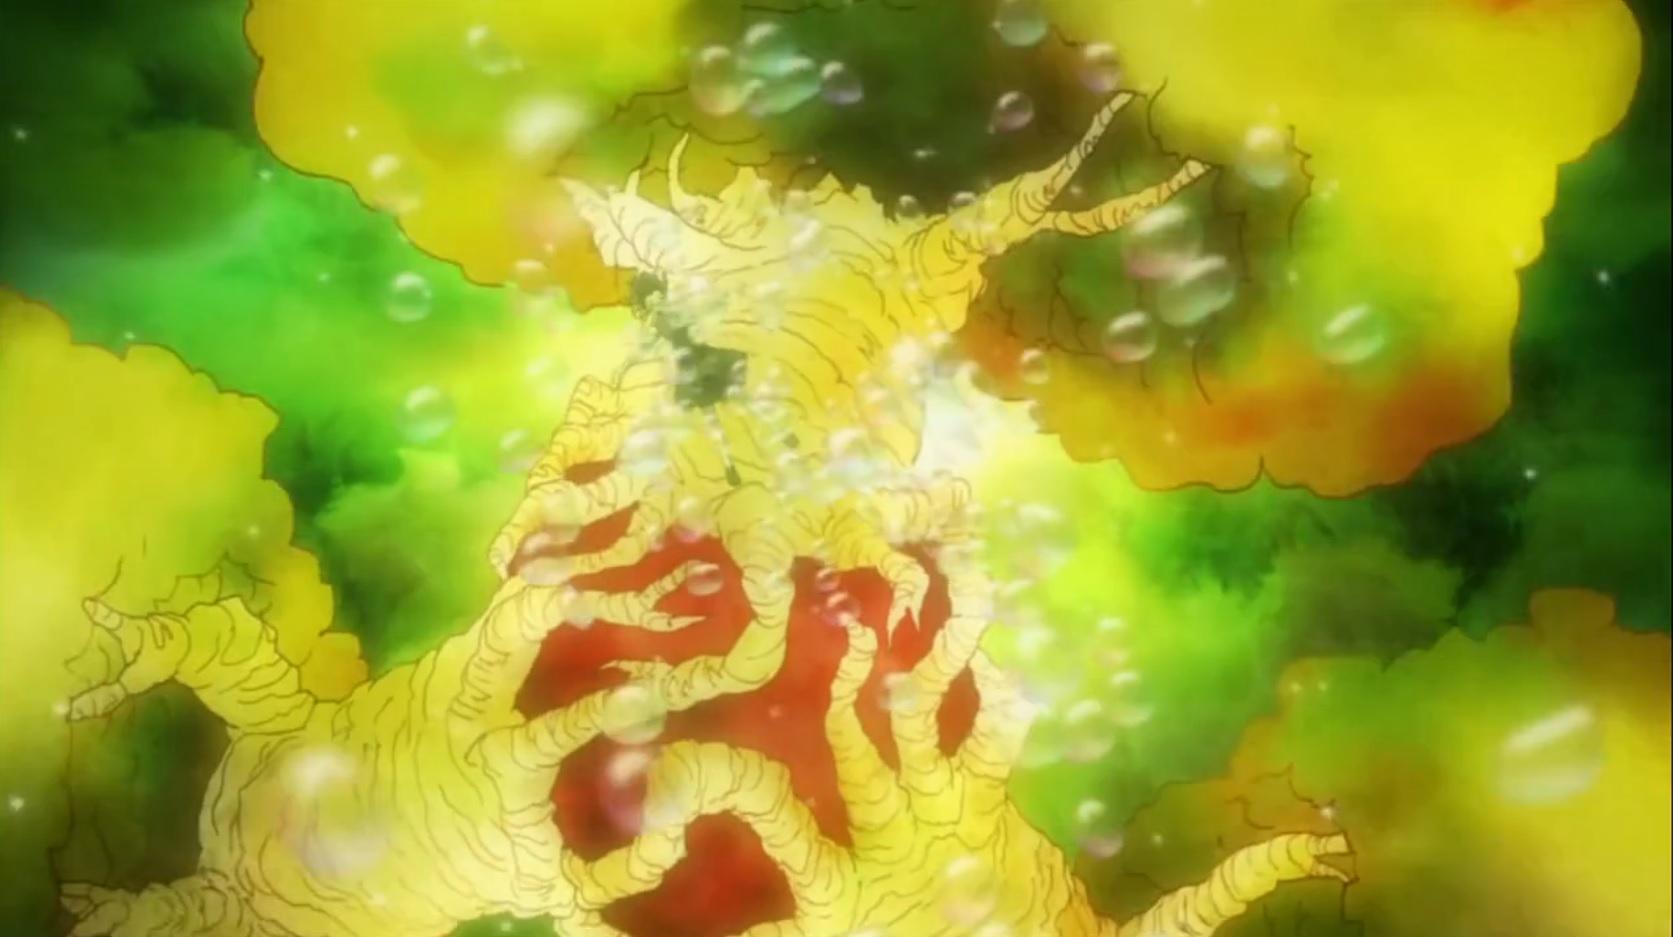 seikimatsu occult gakuin réf Petit Prince 3